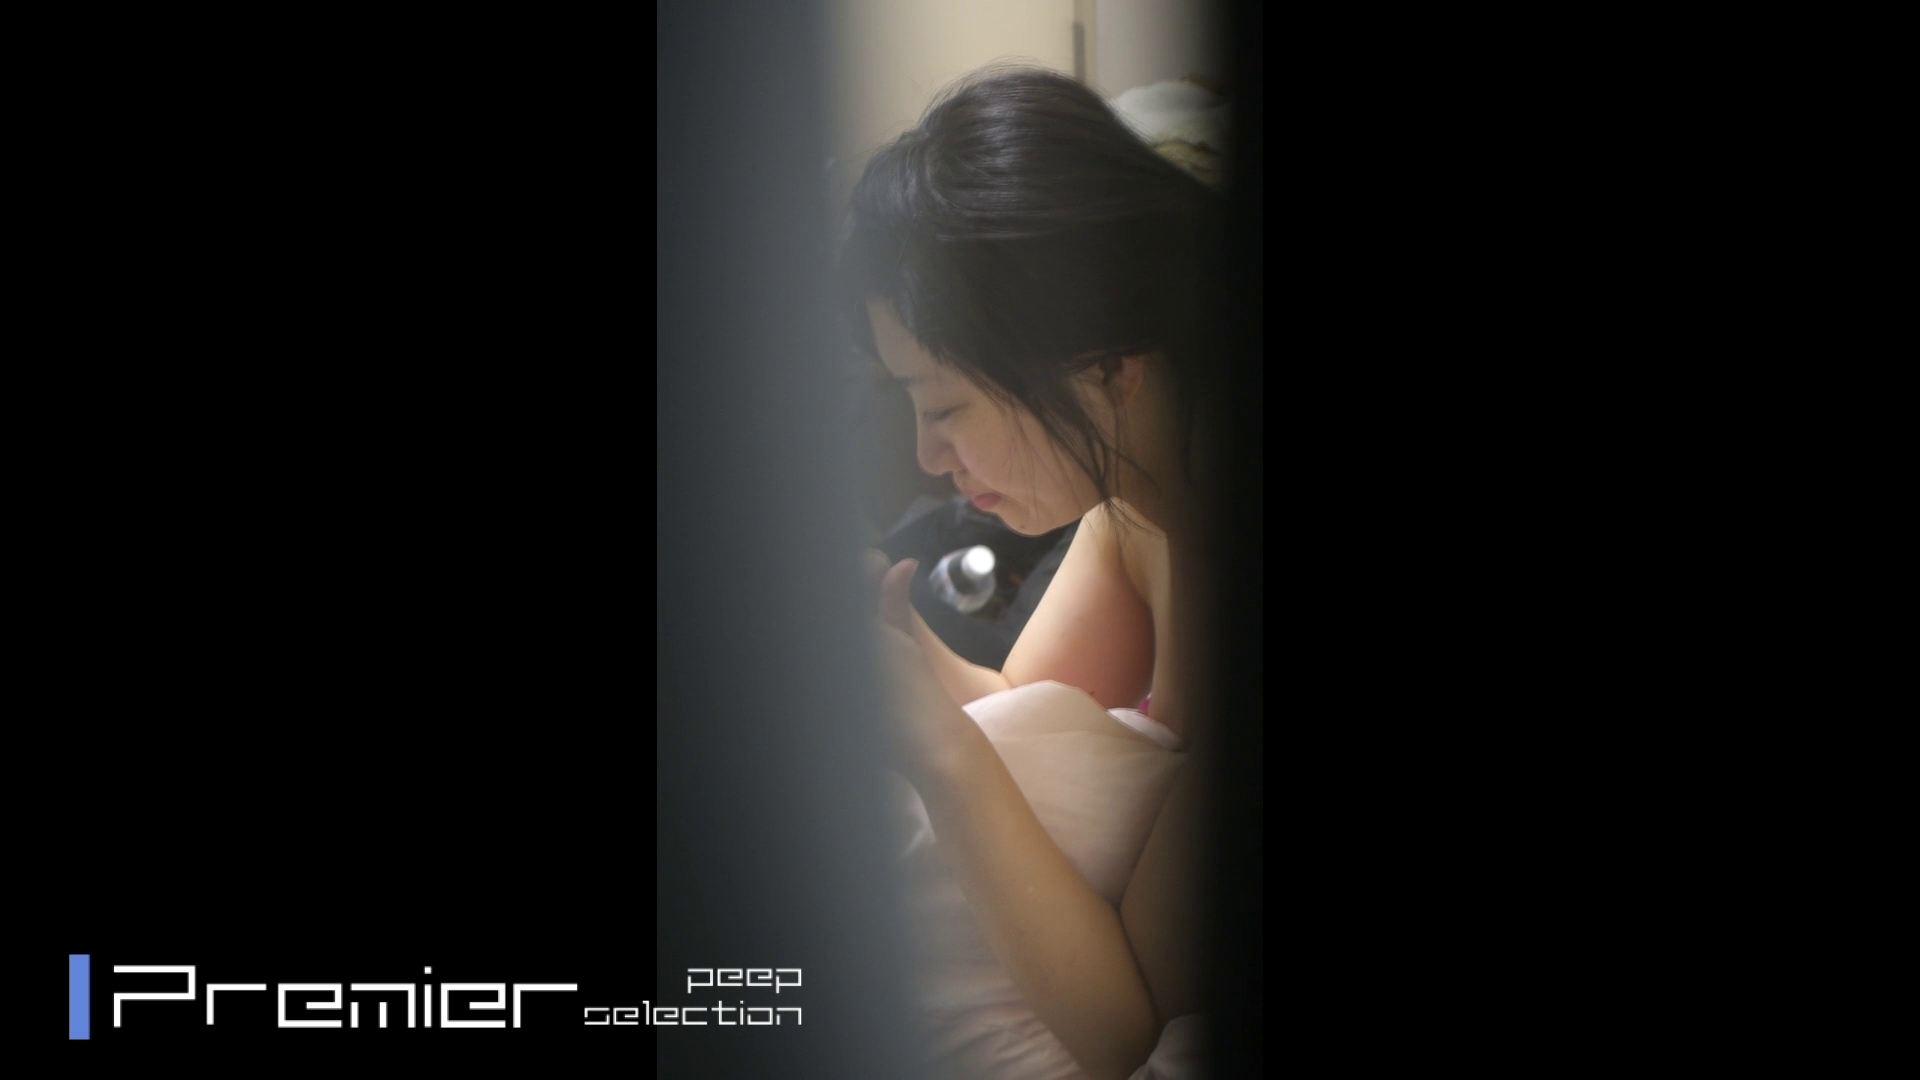 美女達の私生活に潜入!一人暮らし女子大生の部屋ヌード 女子大生達のヌード   潜入エロ調査  65連発 50